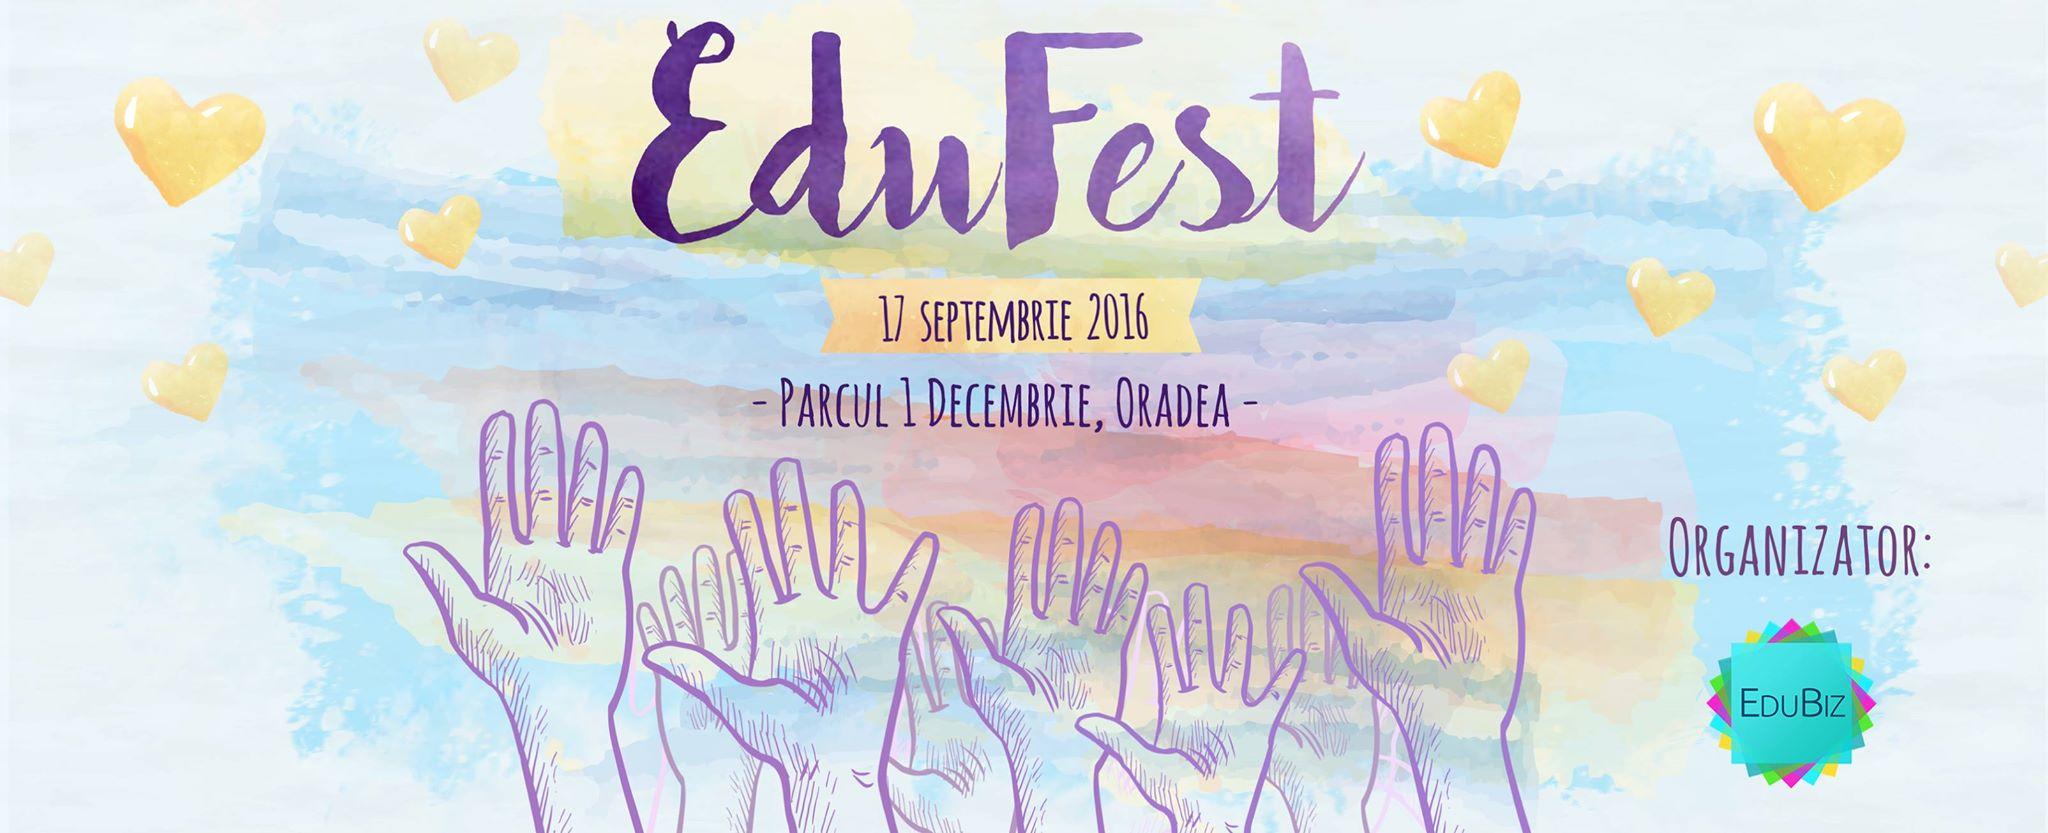 Voluntariat la EduFest, Parcul 1 Decembrie Oradea